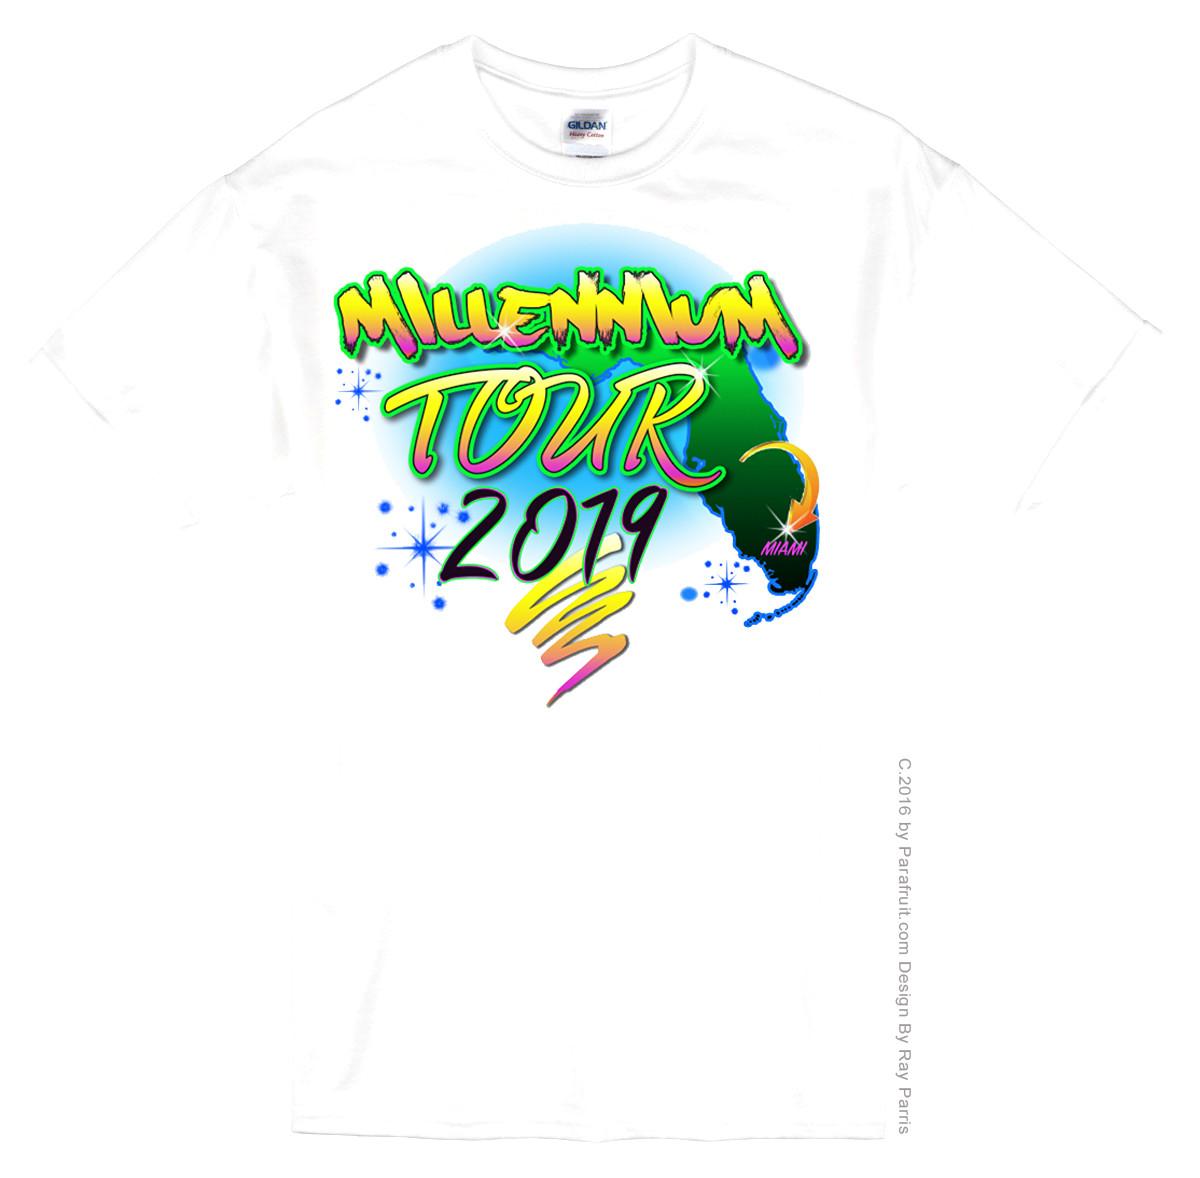 Airbrush Miami Tour